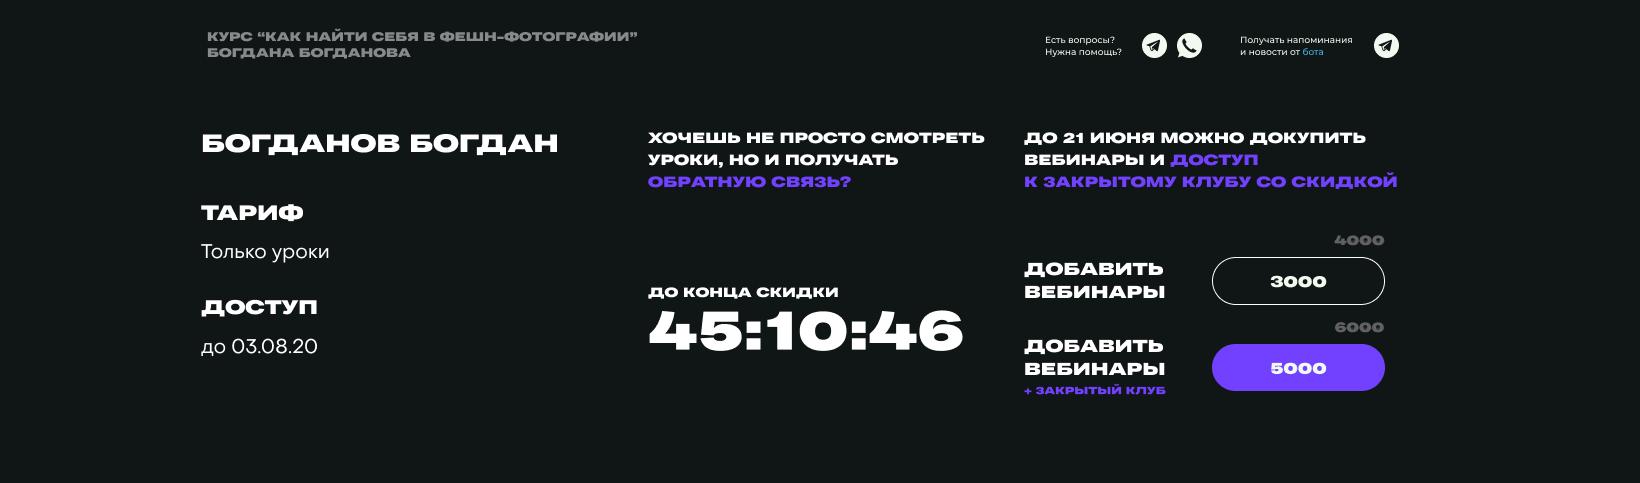 Дизайн личного кабинета для курса Богдана Богданова 7